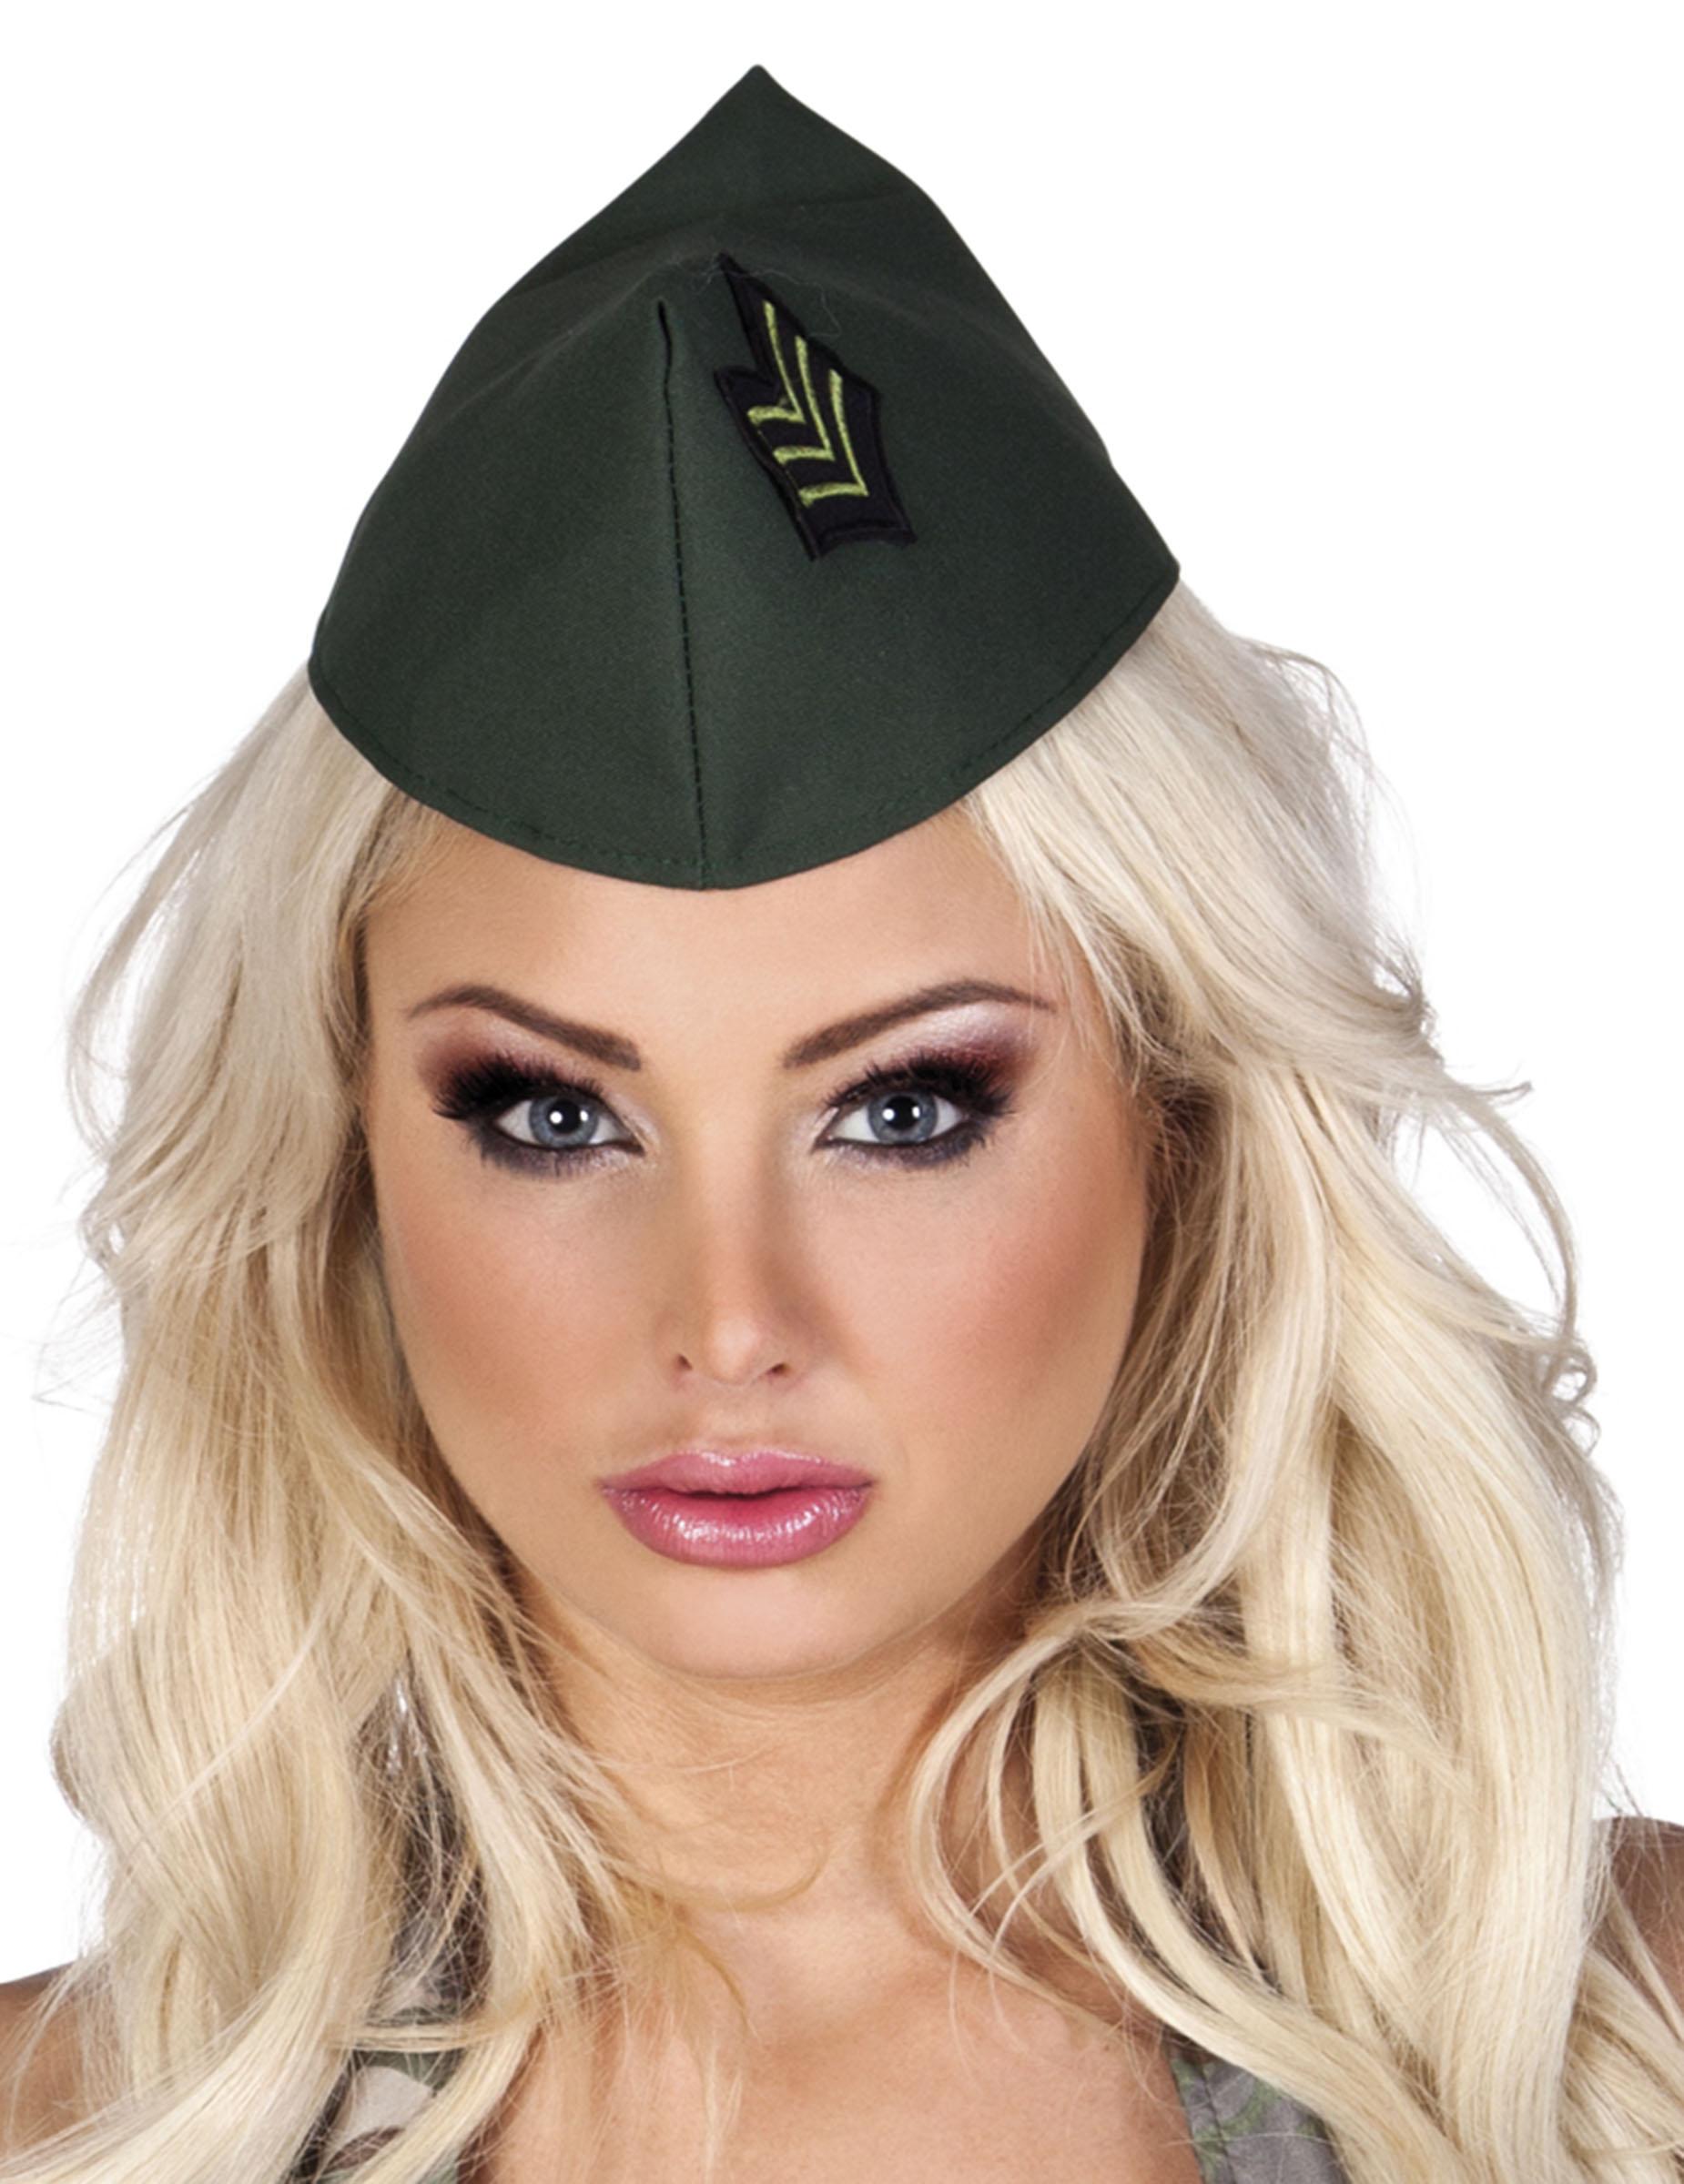 Upptäck de fräckaste militäruniformerna och tillbehören från Vegaoo.se! f44ad86f851b9